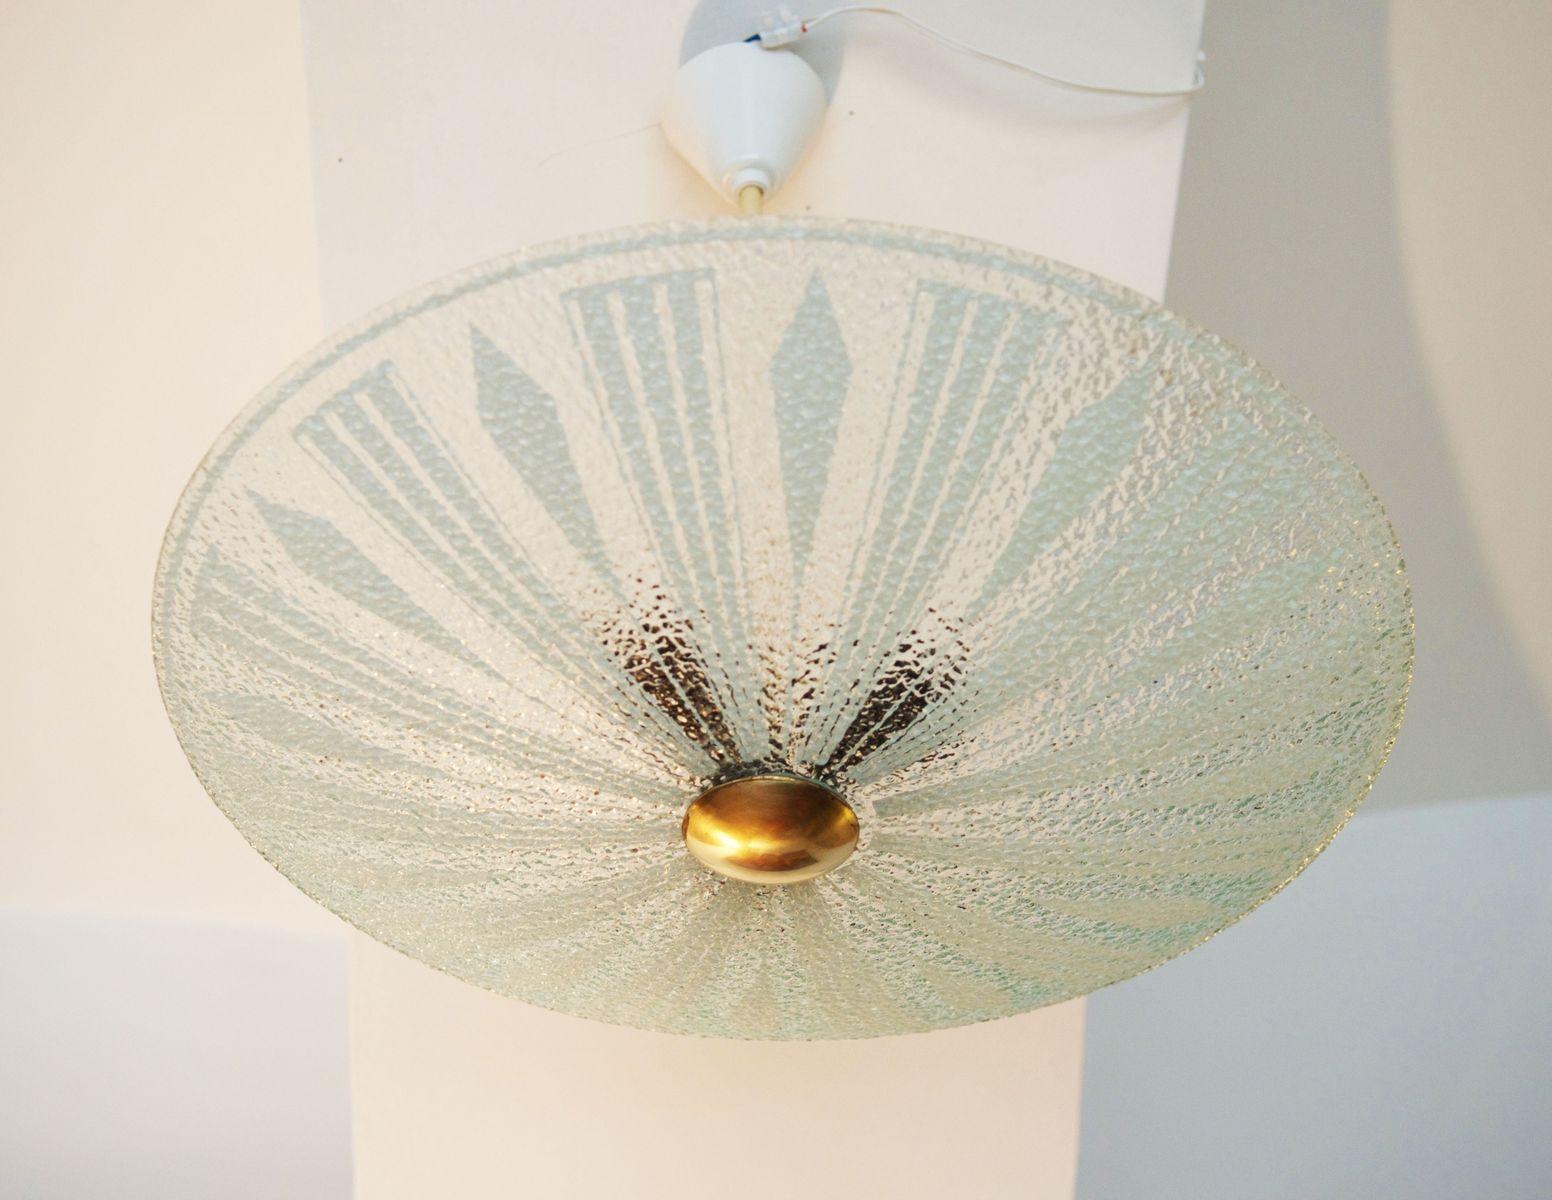 Mid century deckenleuchte aus texturiertem glas bei pamono for Deckenleuchte glas